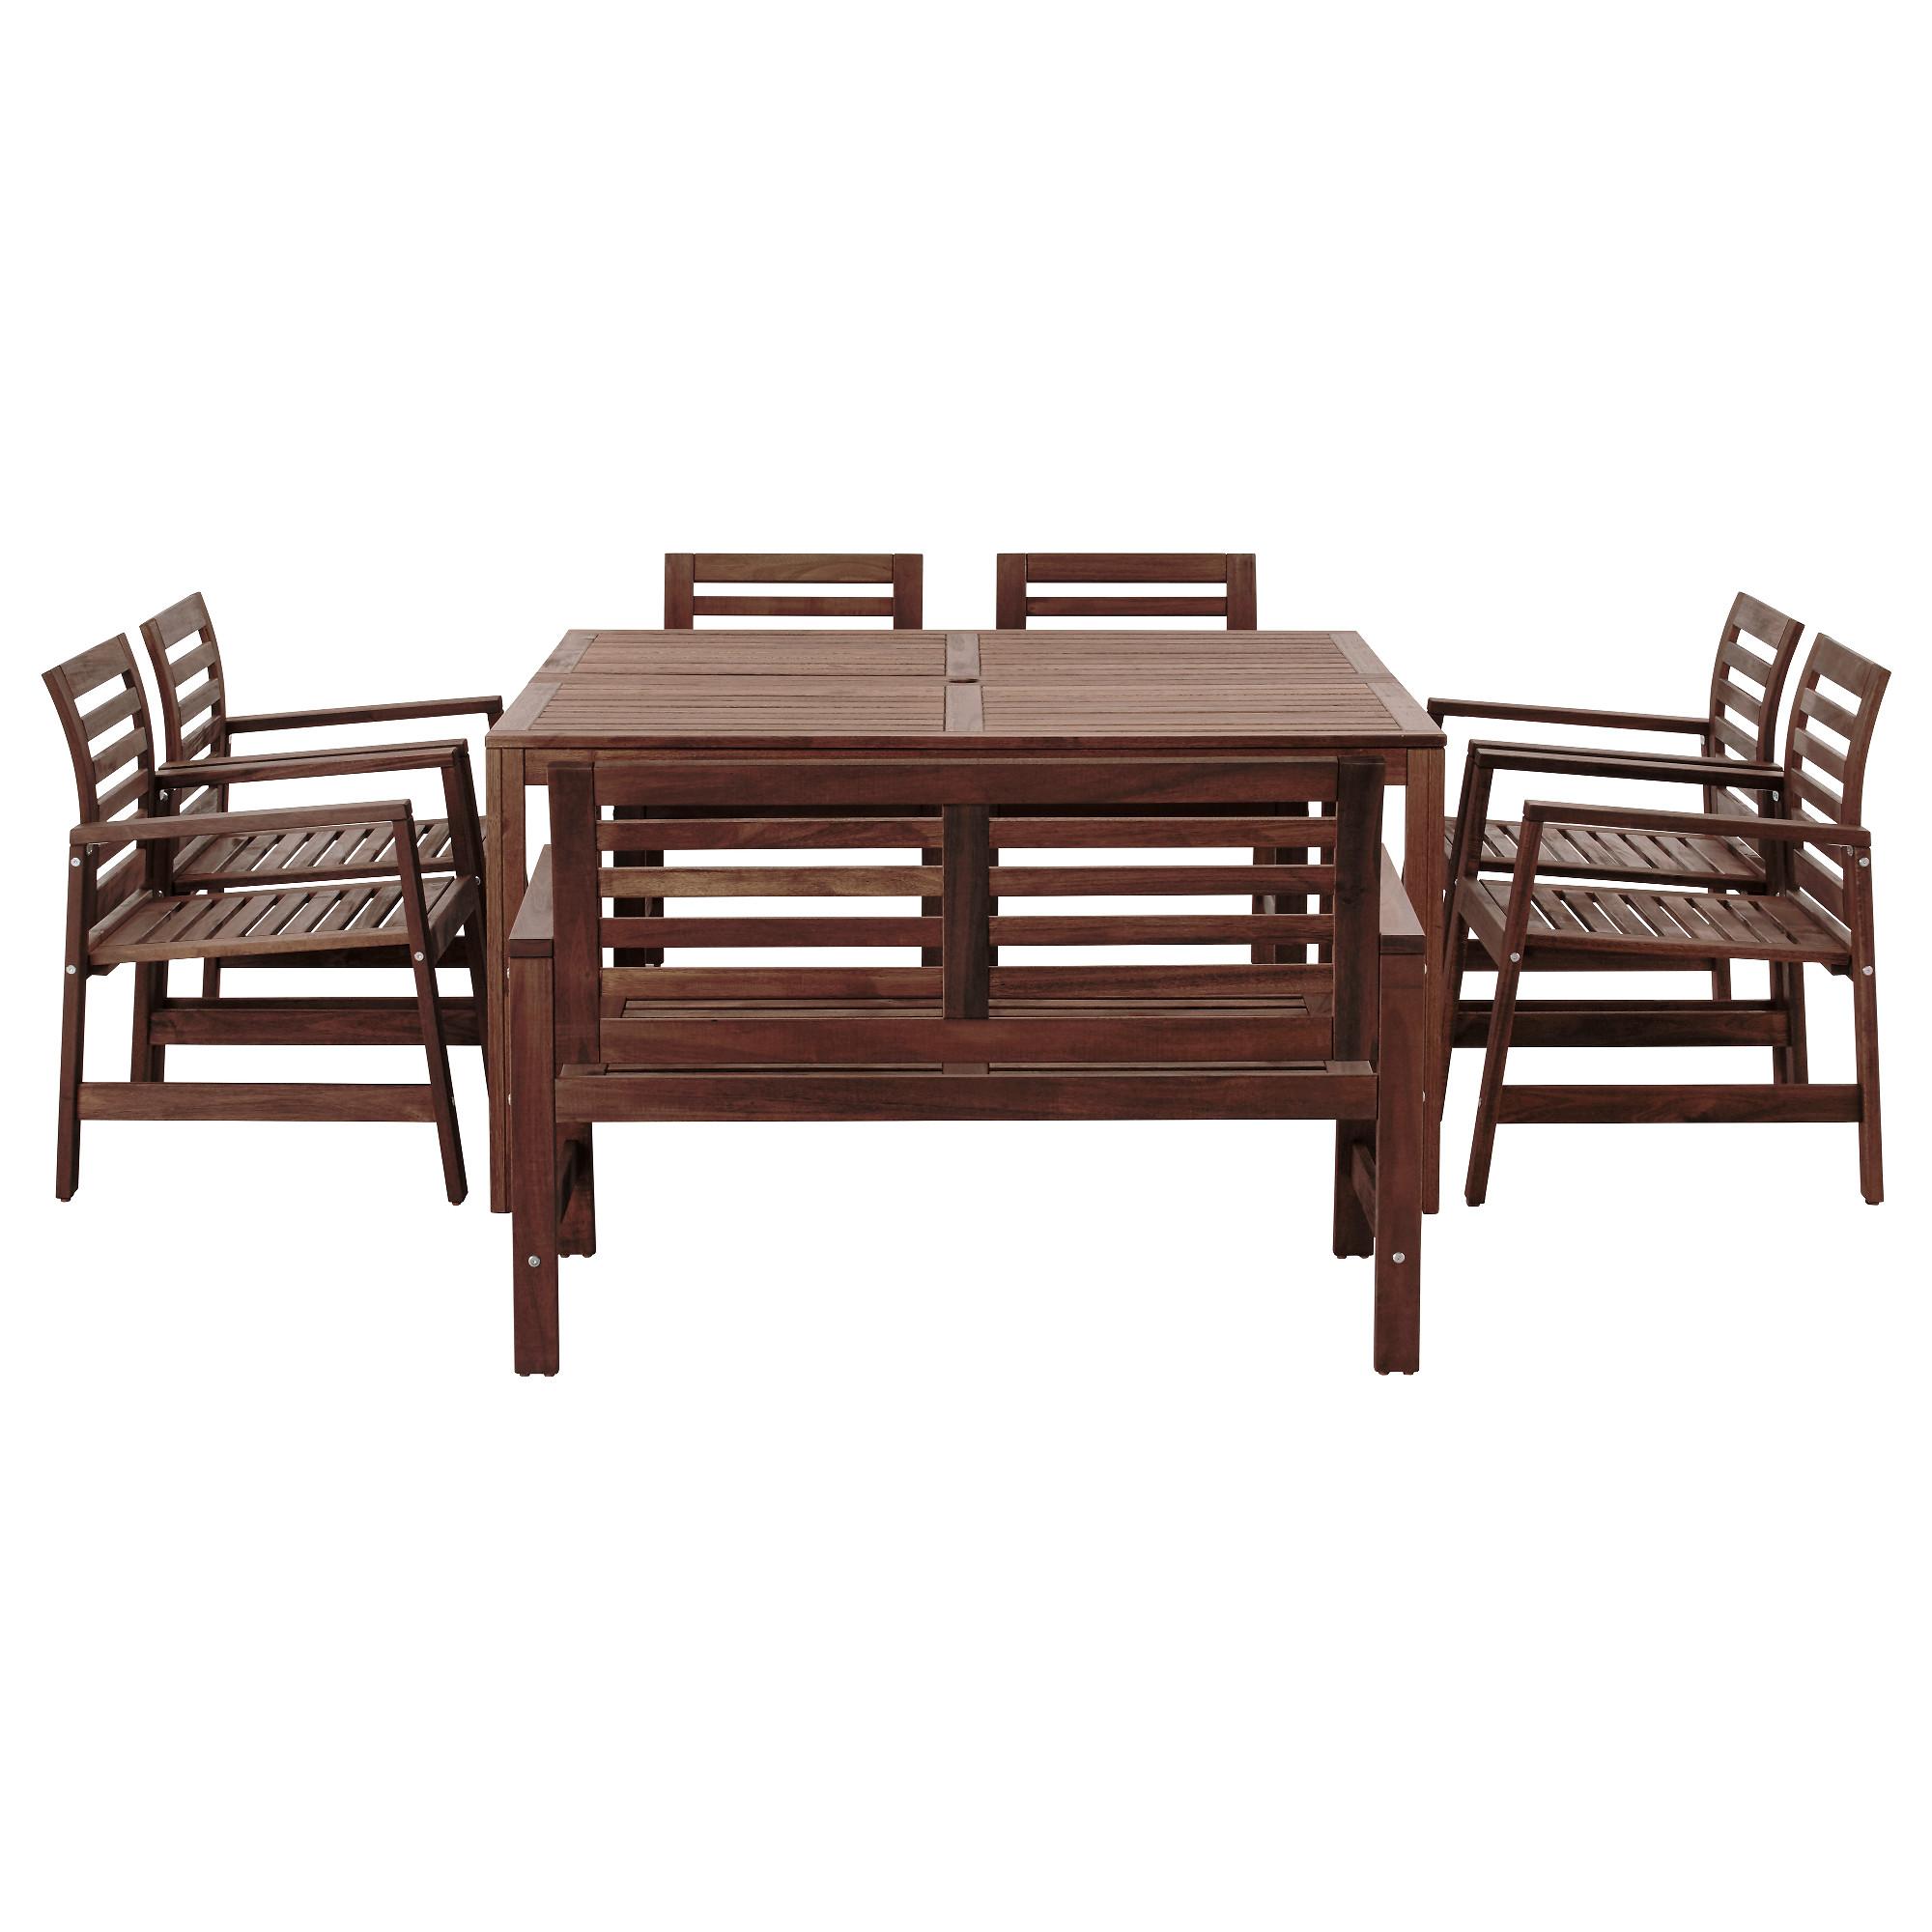 Стол + 6 кресел + скамья для сада ЭПЛАРО артикуль № 392.289.50 в наличии. Интернет сайт IKEA Минск. Быстрая доставка и установка.